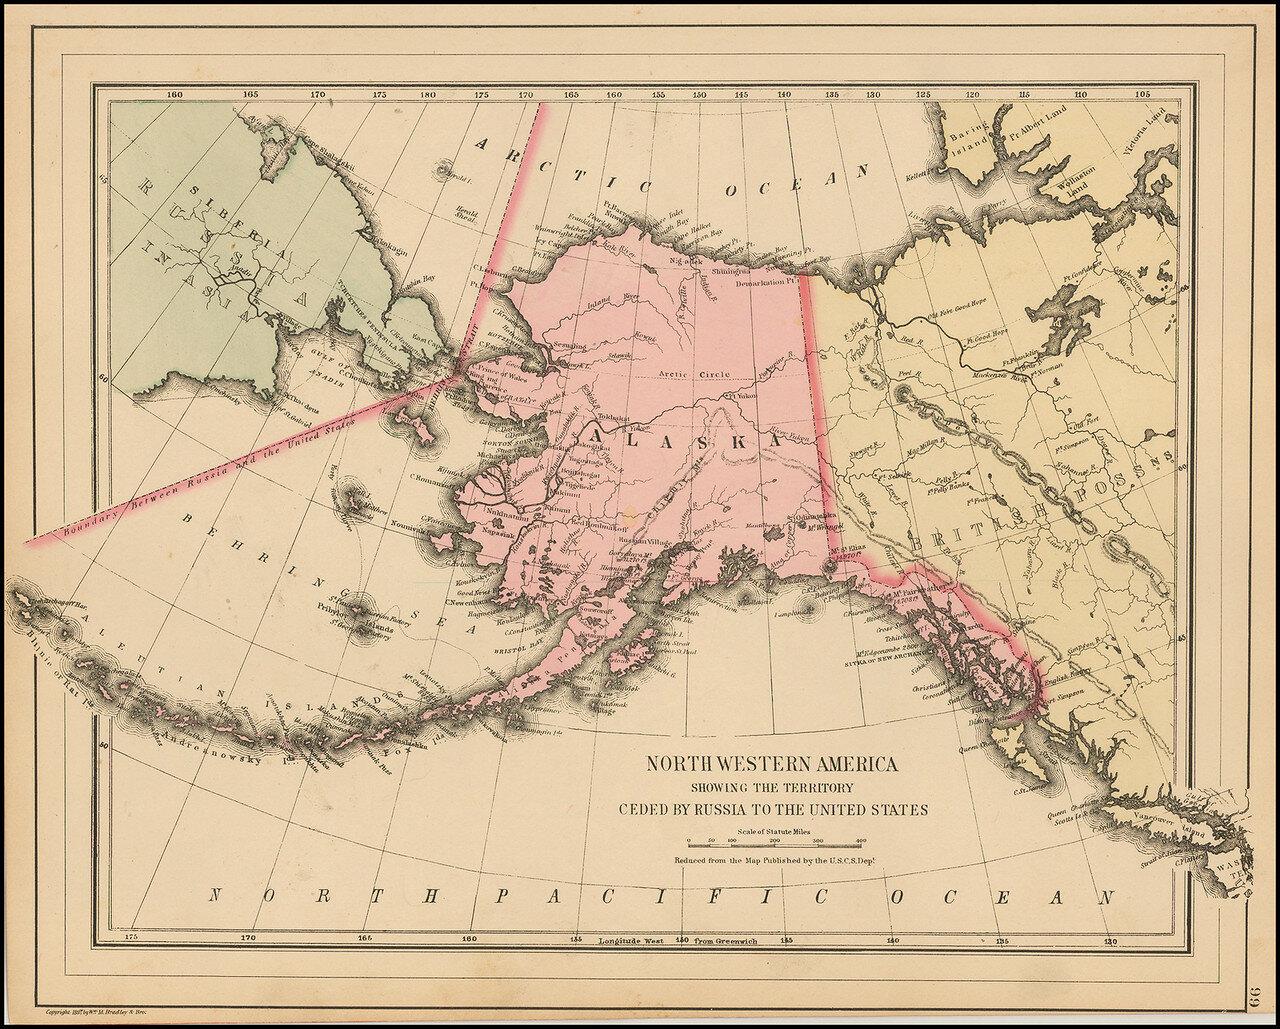 Сэмюэл Август Митчелл младший   Северная Америка, показывающая территорию, уступленную Россией в США.jpg